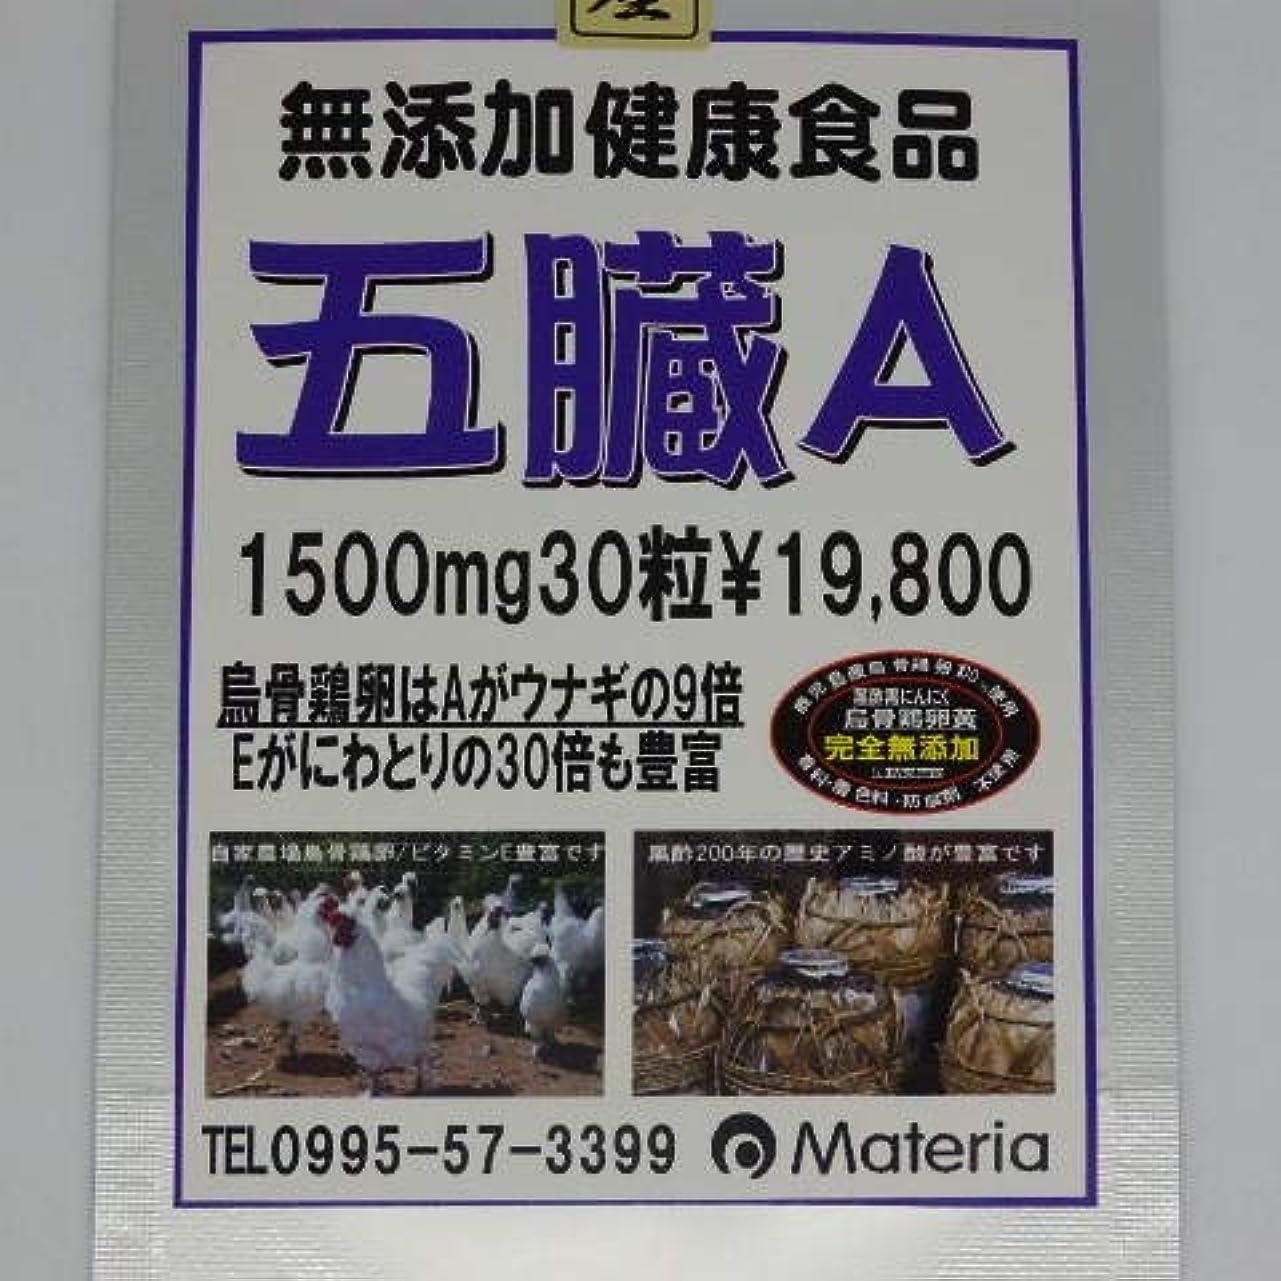 予定不合格回転する無添加健康食品/黒酢黒にんにく烏骨鶏卵黄五臓六腑A大玉(1500mg×30粒)30日¥19,800